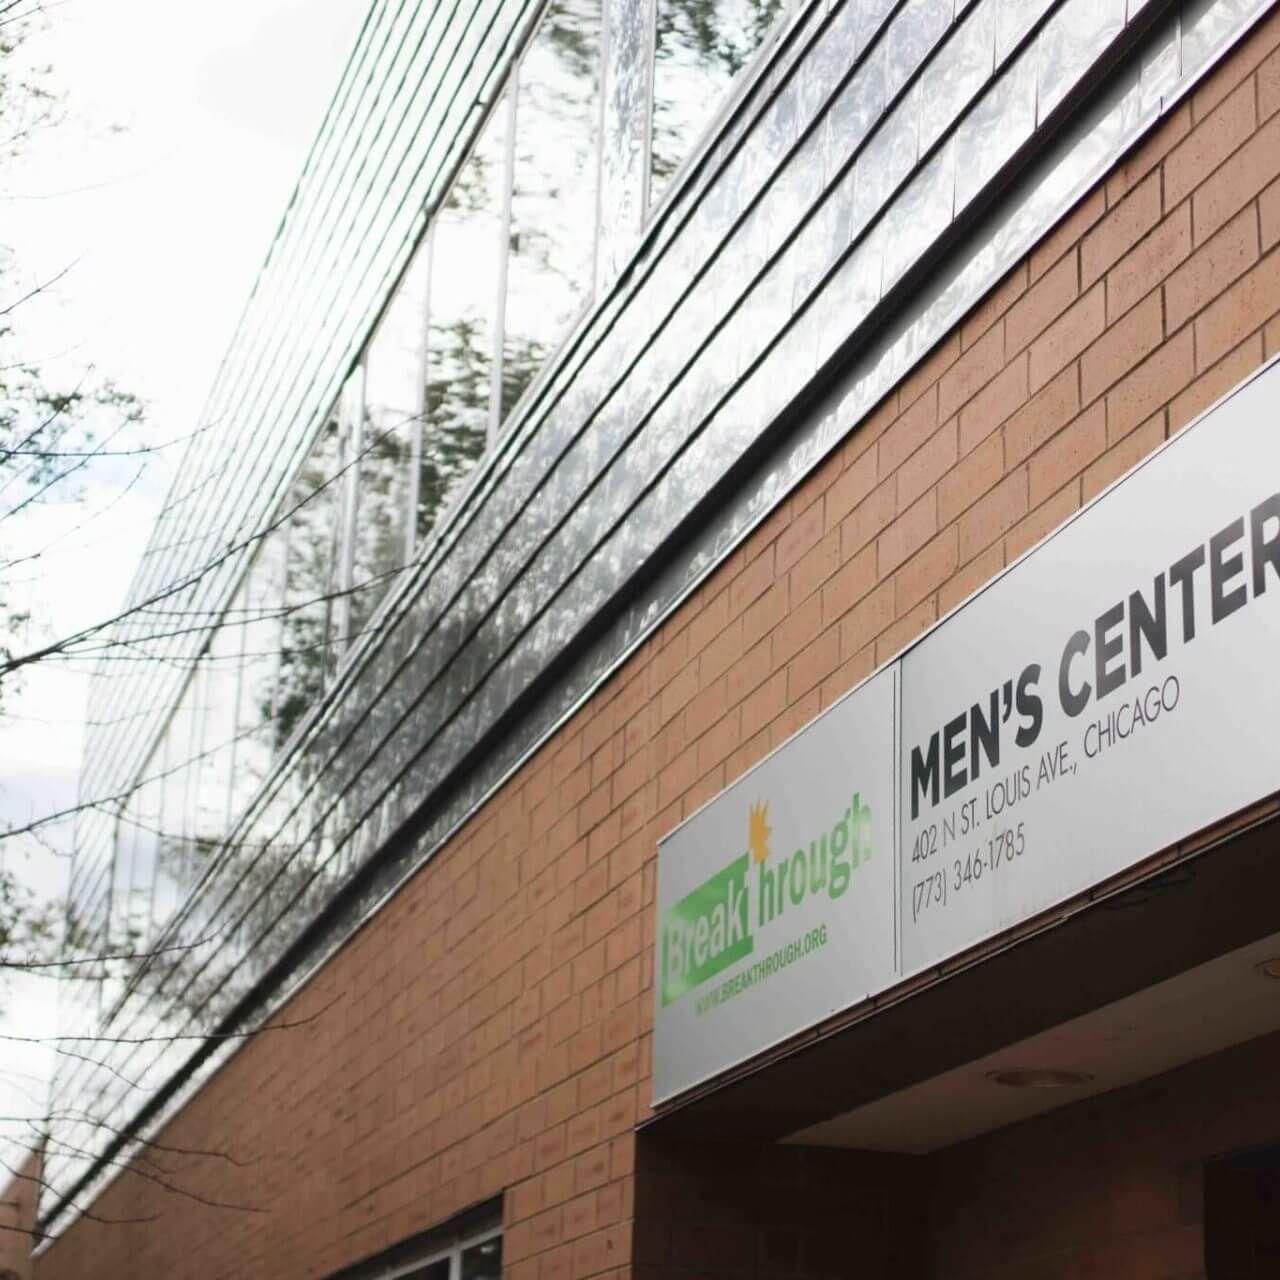 outside sign on the Breakthrough Men's Center